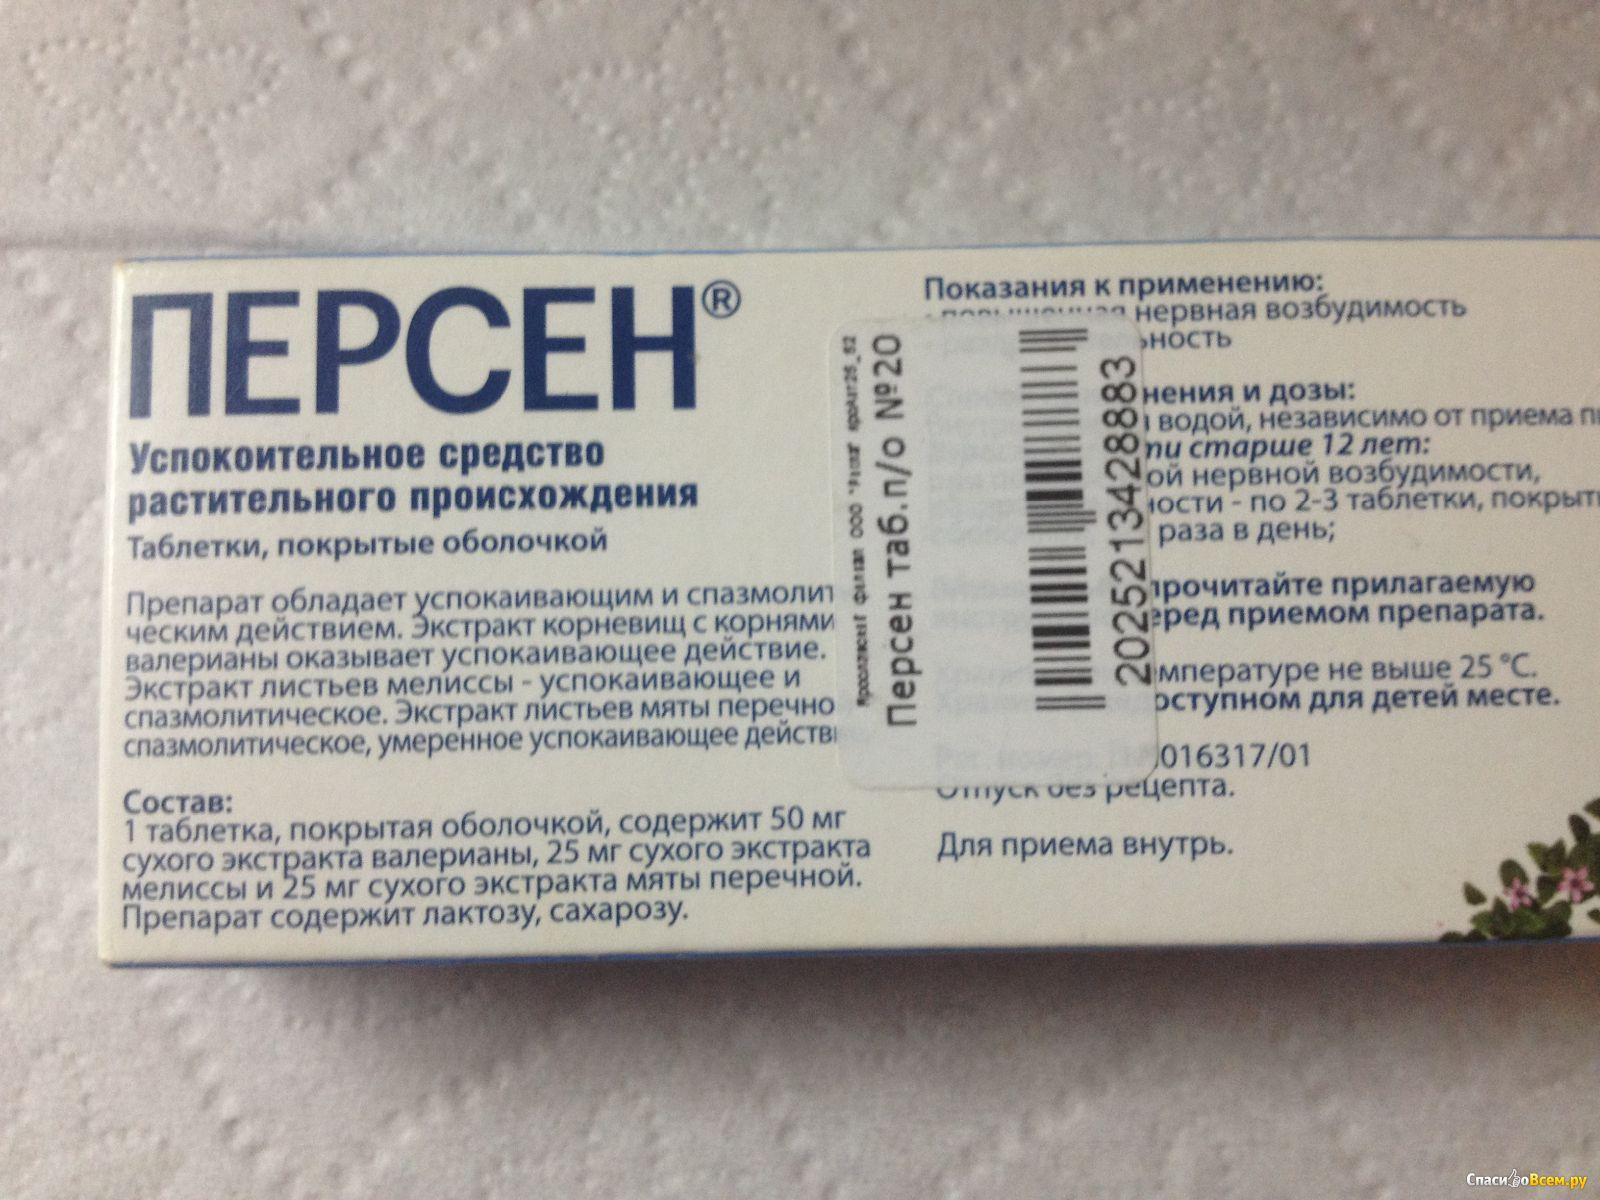 Сильное успокоительное средство в таблетках